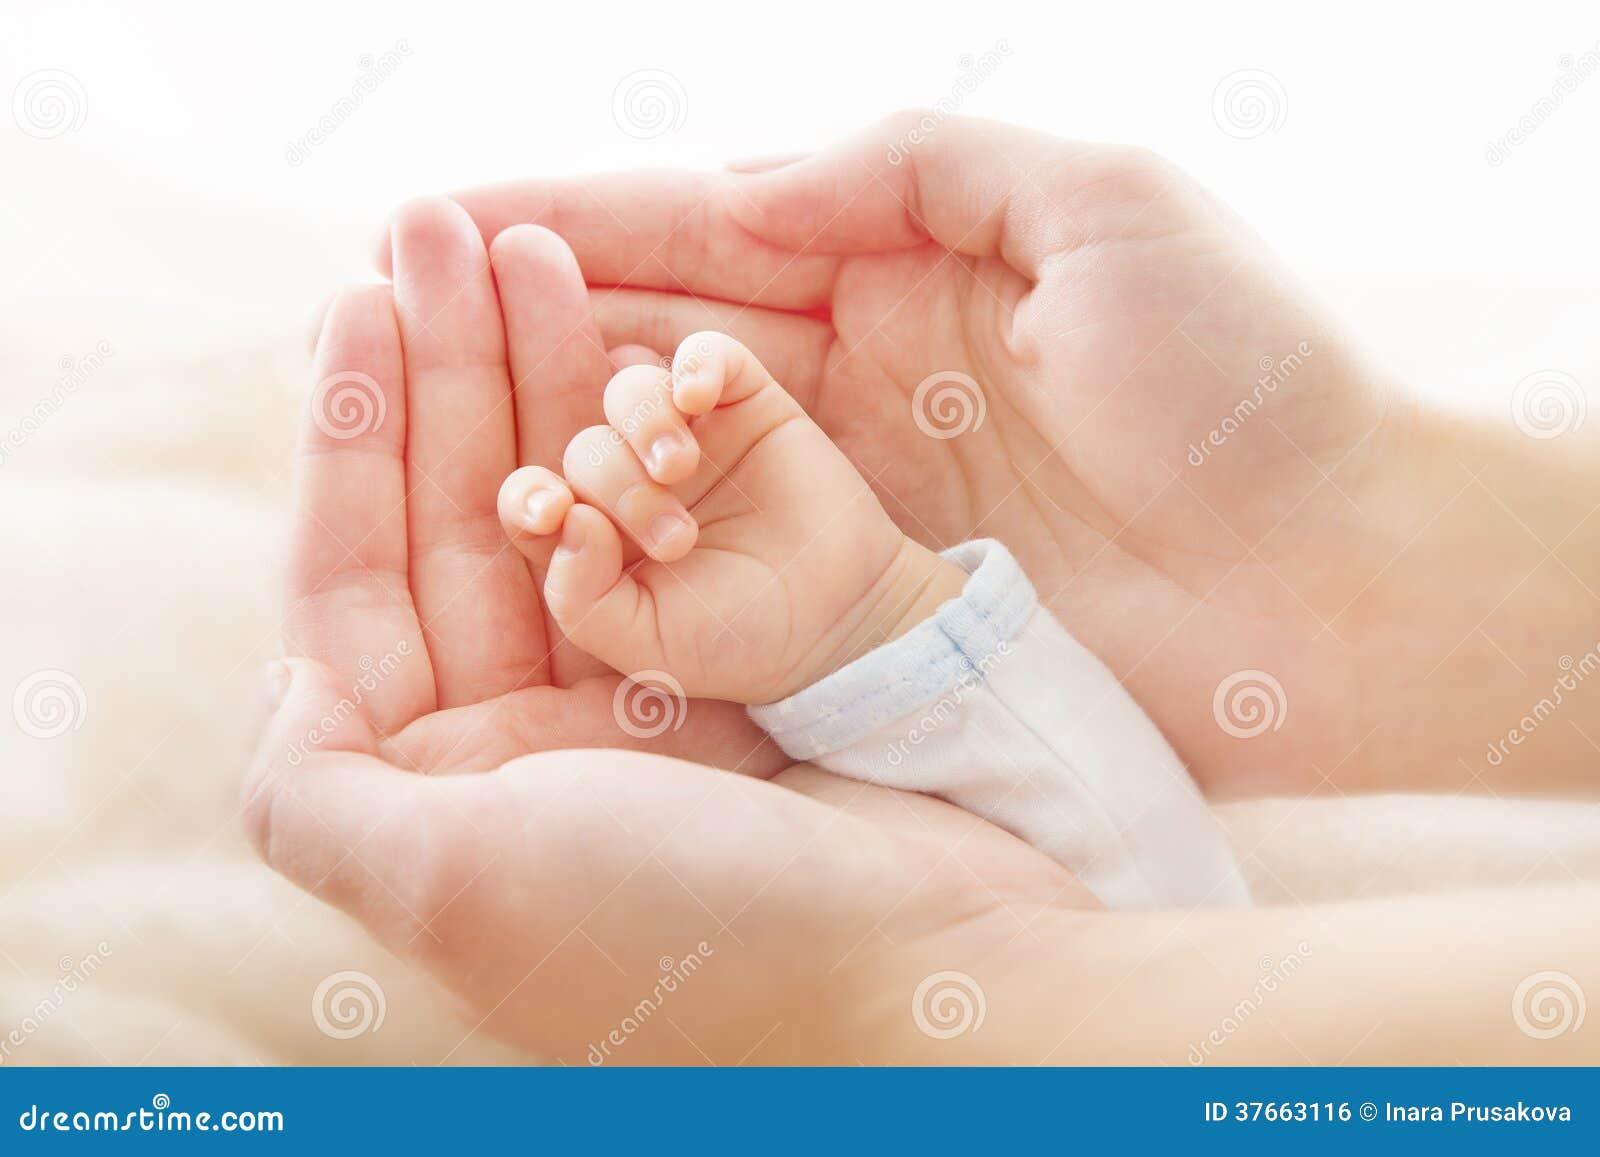 Nowonarodzona dziecko ręka w macierzystych rękach. Pomocy asistance pojęcie